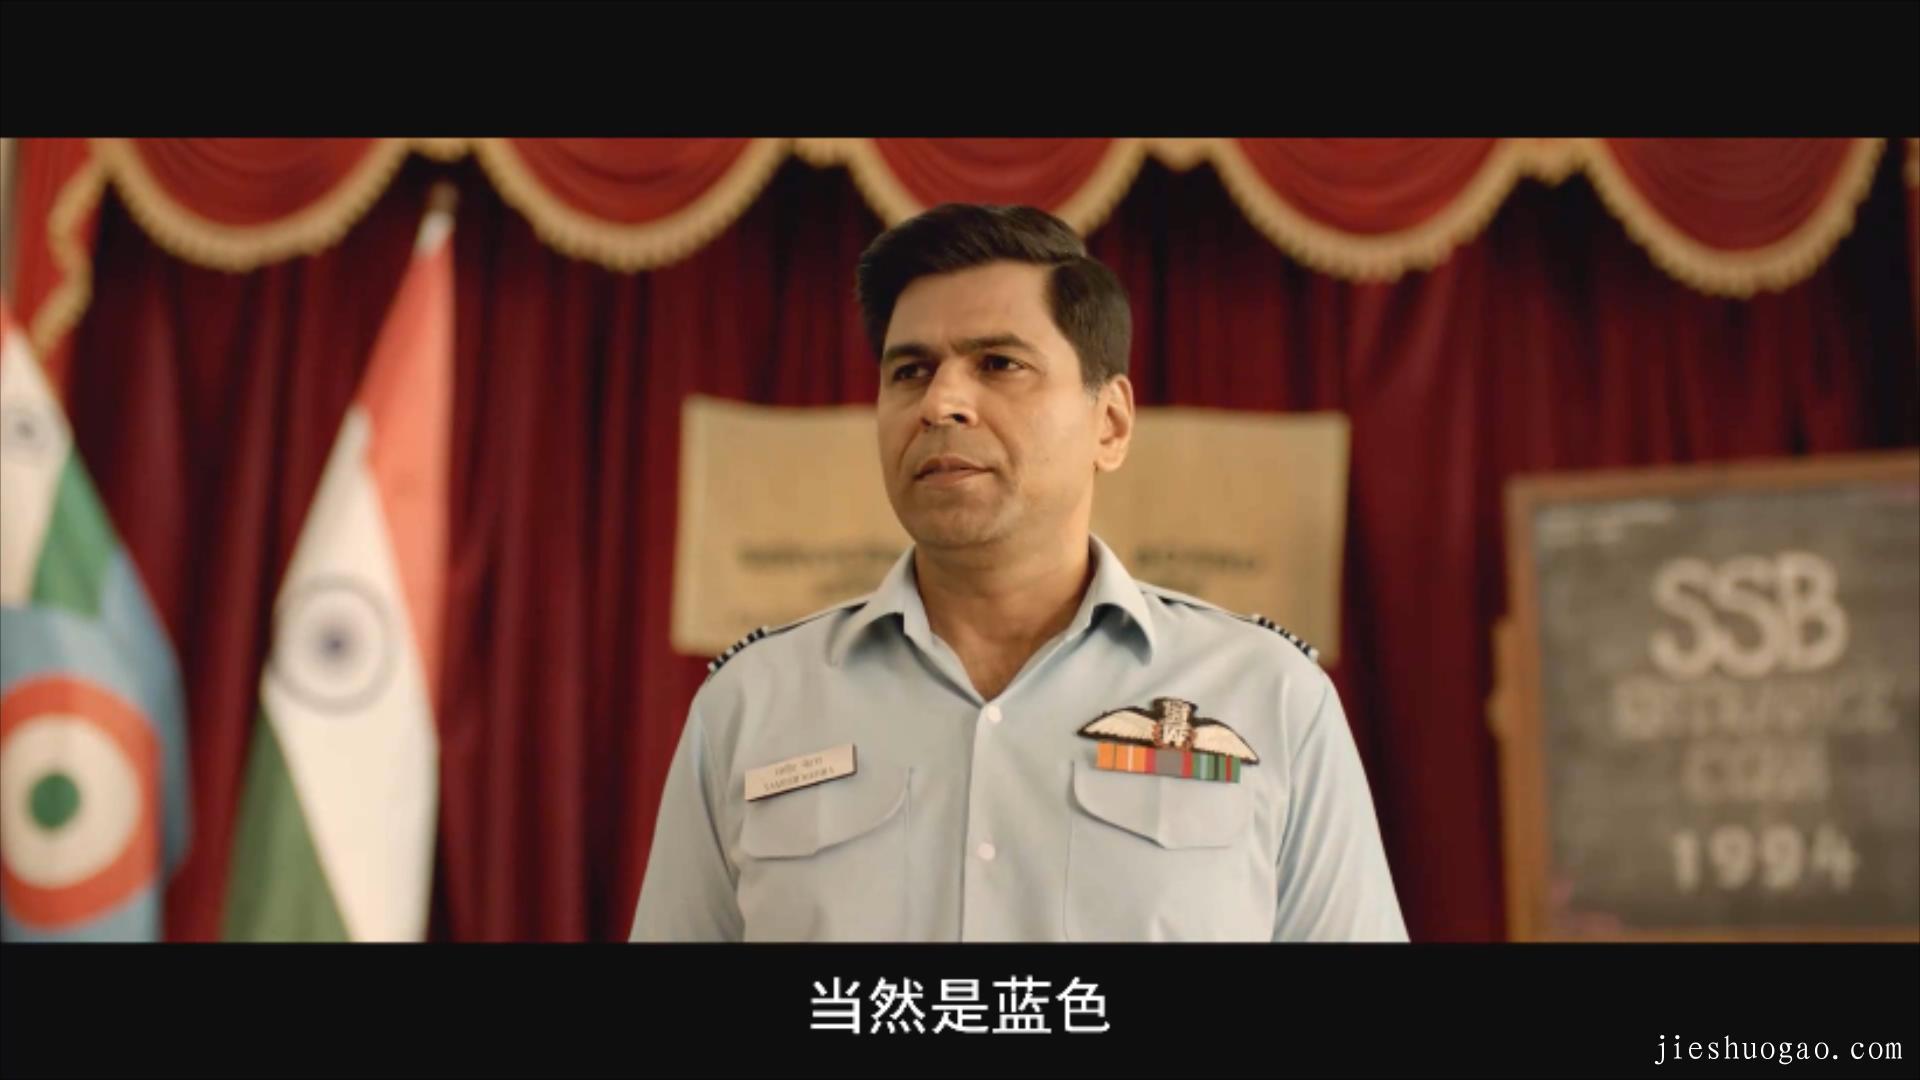 高分真实事件改编,印度首位女空军|《卡吉尔女孩》12分钟3480字解说稿-第2张图片